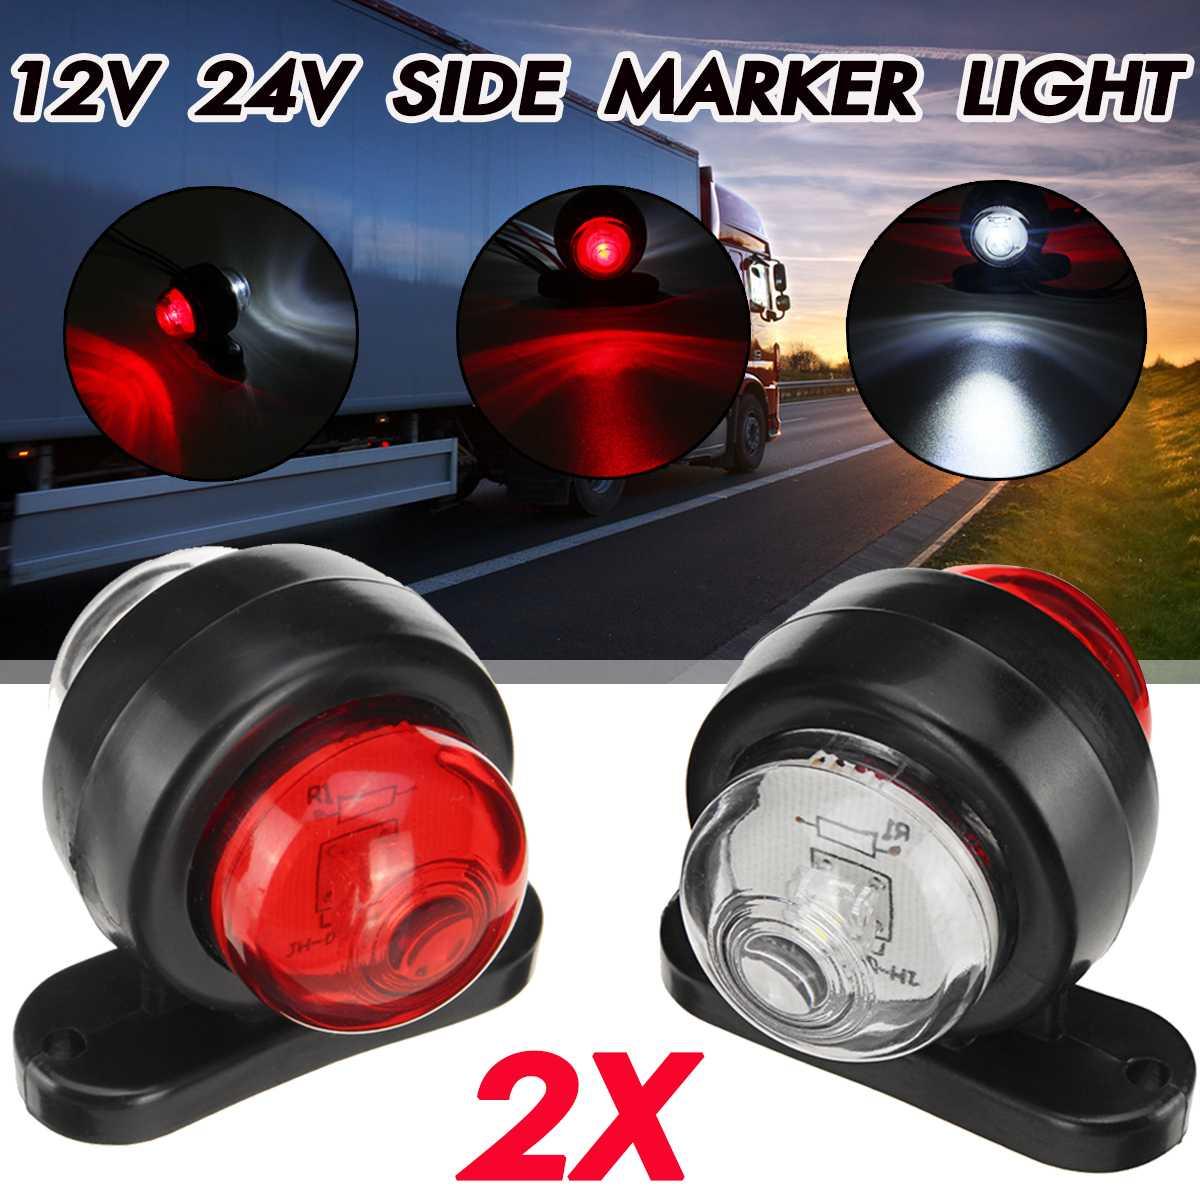 2 PCS 12V LED SIDE MARKER OUTLINE LIGHTS TRUCK LORRY CAMPER VAN MOTORHOME PICKUP